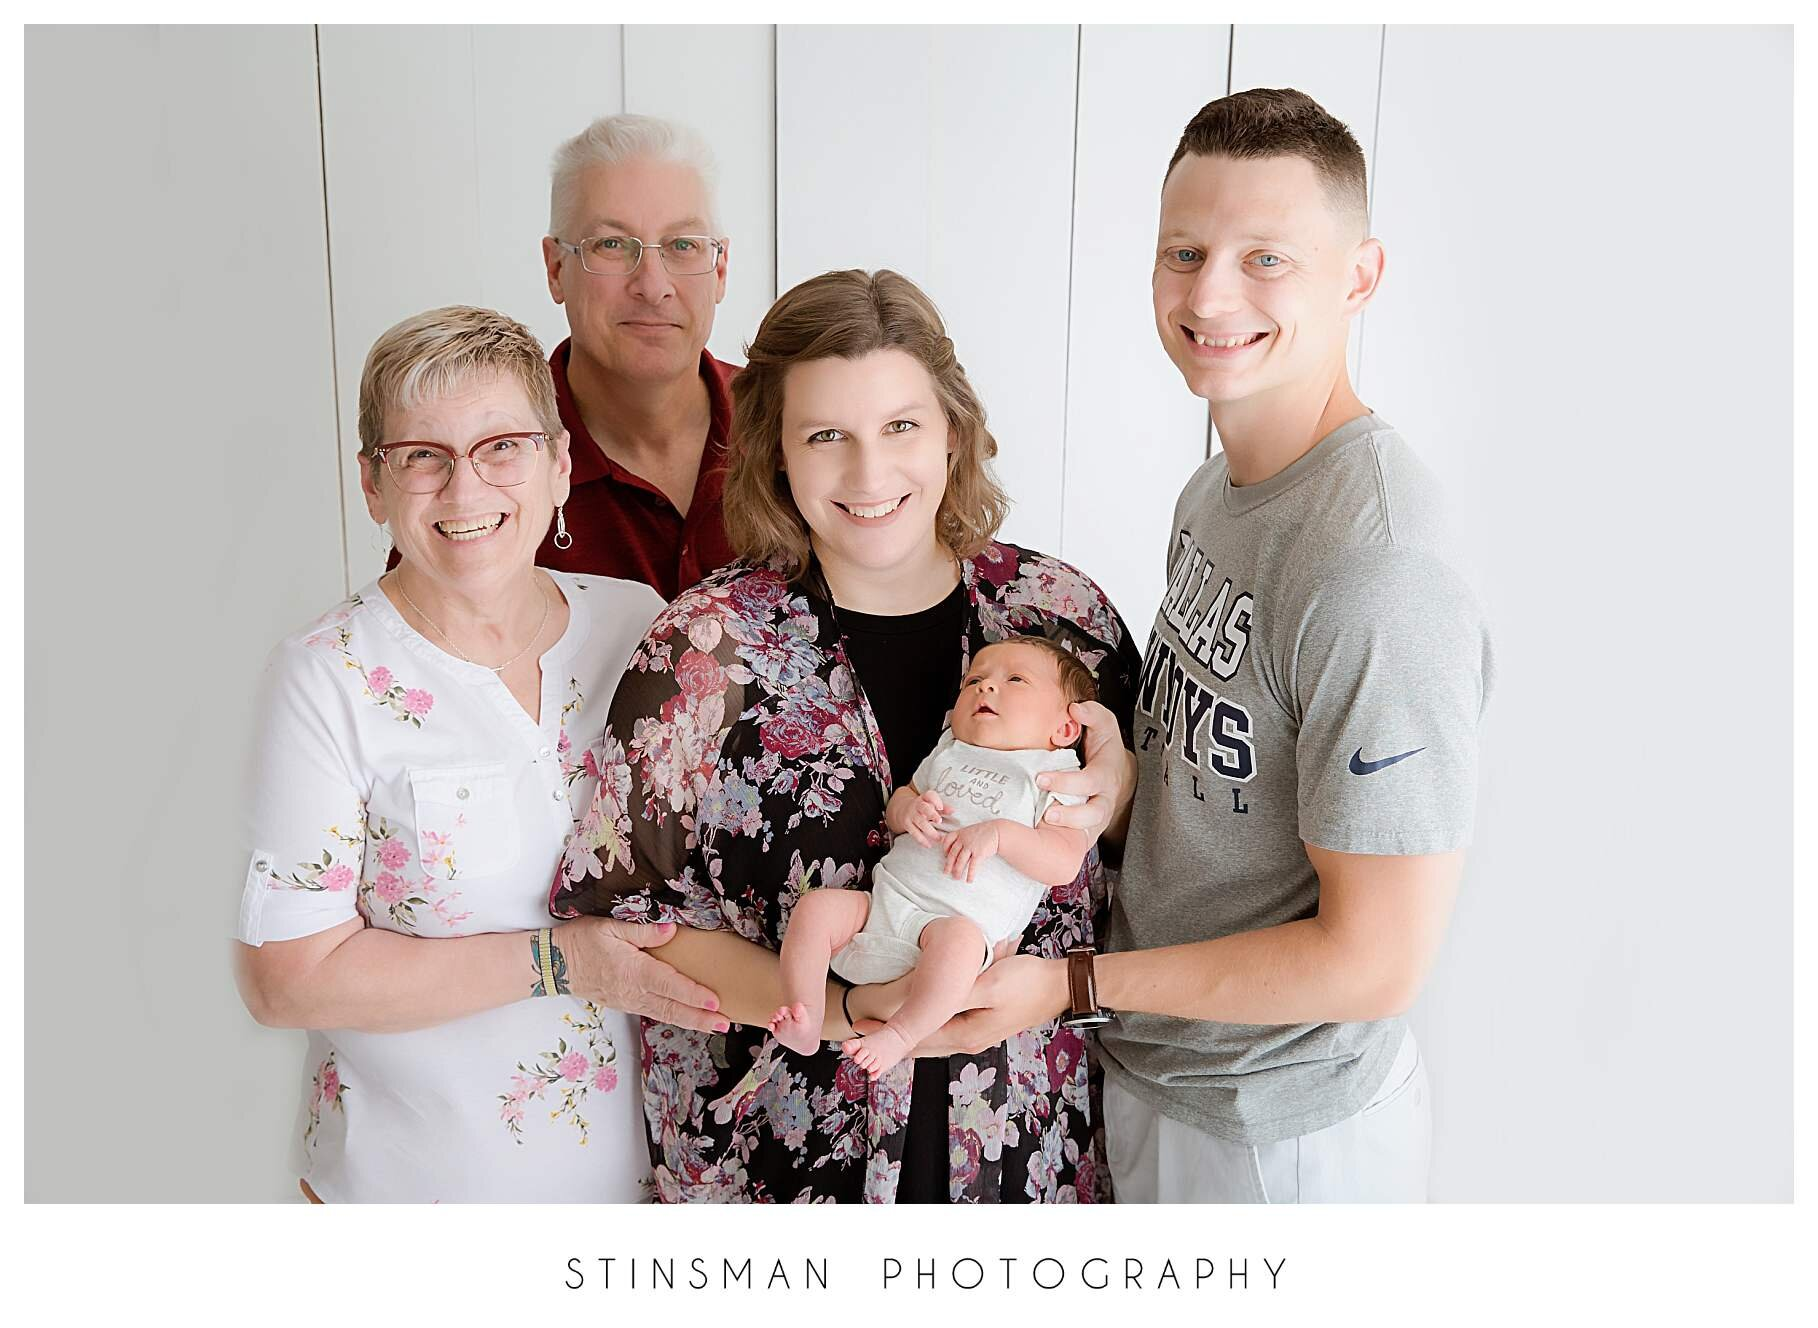 grandparents family photo